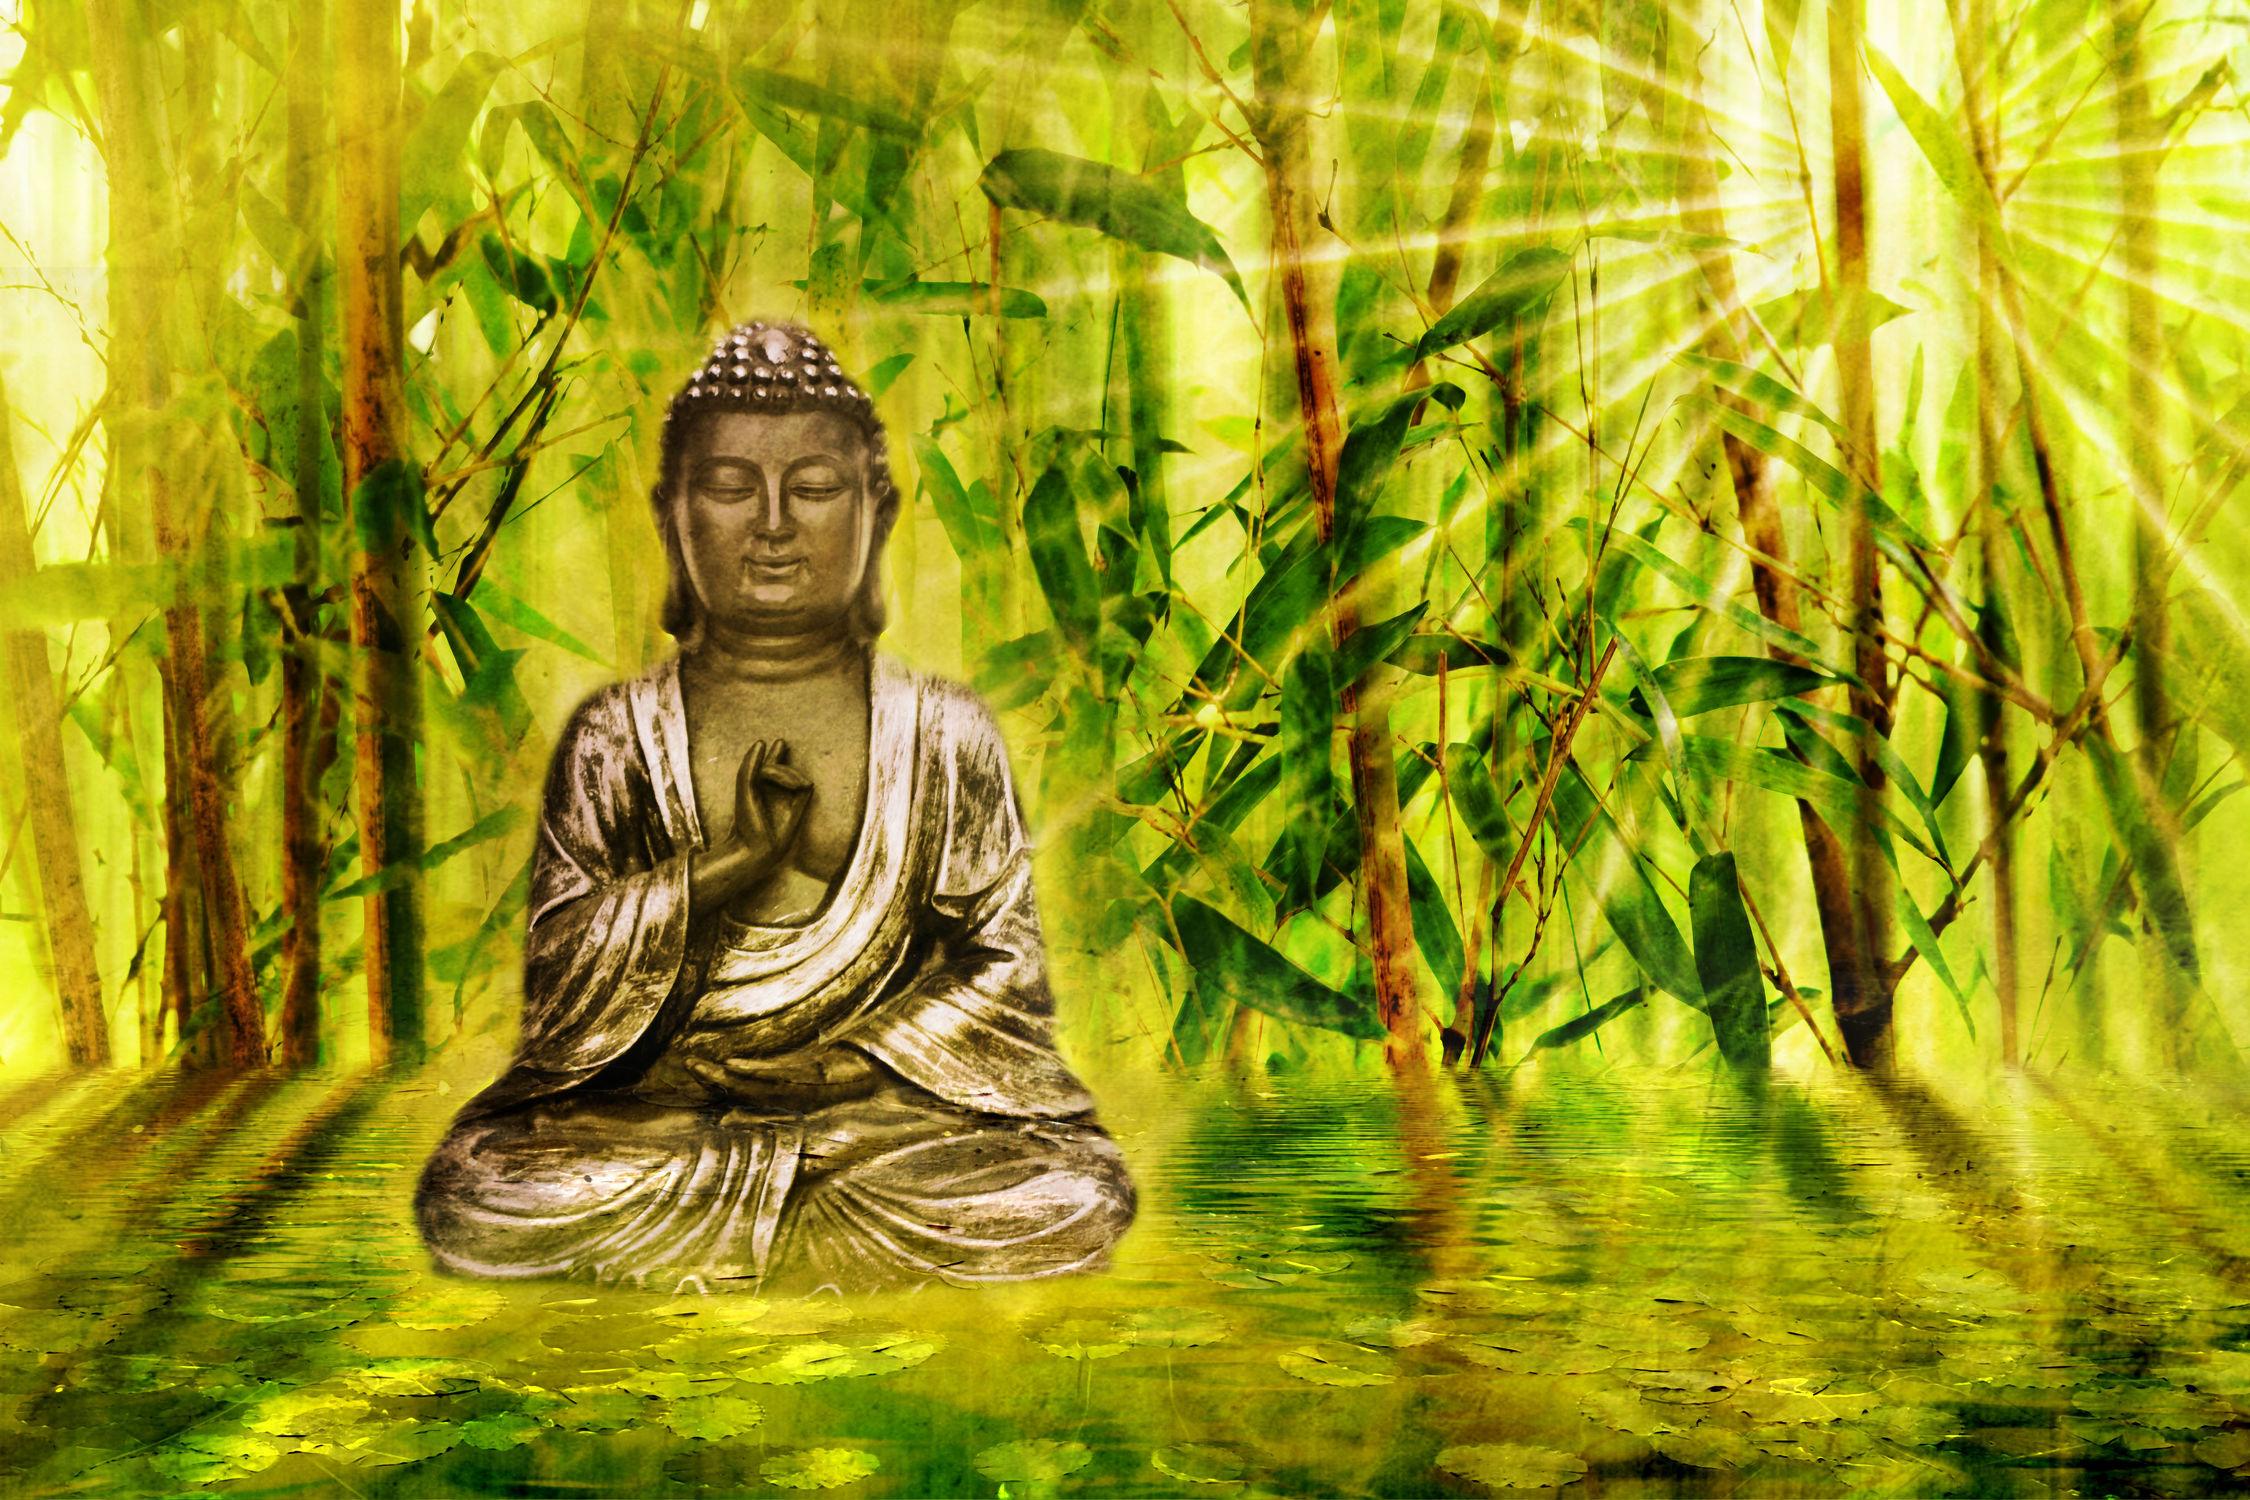 Bild mit Wasser, Frühling, romantik, Meditation, See, Ruhe, seerosen, Buddha, Wellness, Asiatisches, Stille, bambuswald, asien, Buddhismus, Erkenntnis, ERLEUCHTUNG, weisheit, Nirvana, Nirwana, Siddhartha Gautama, Samsara, Beschaulichkeit, malerisch, Unpersönlichkeit